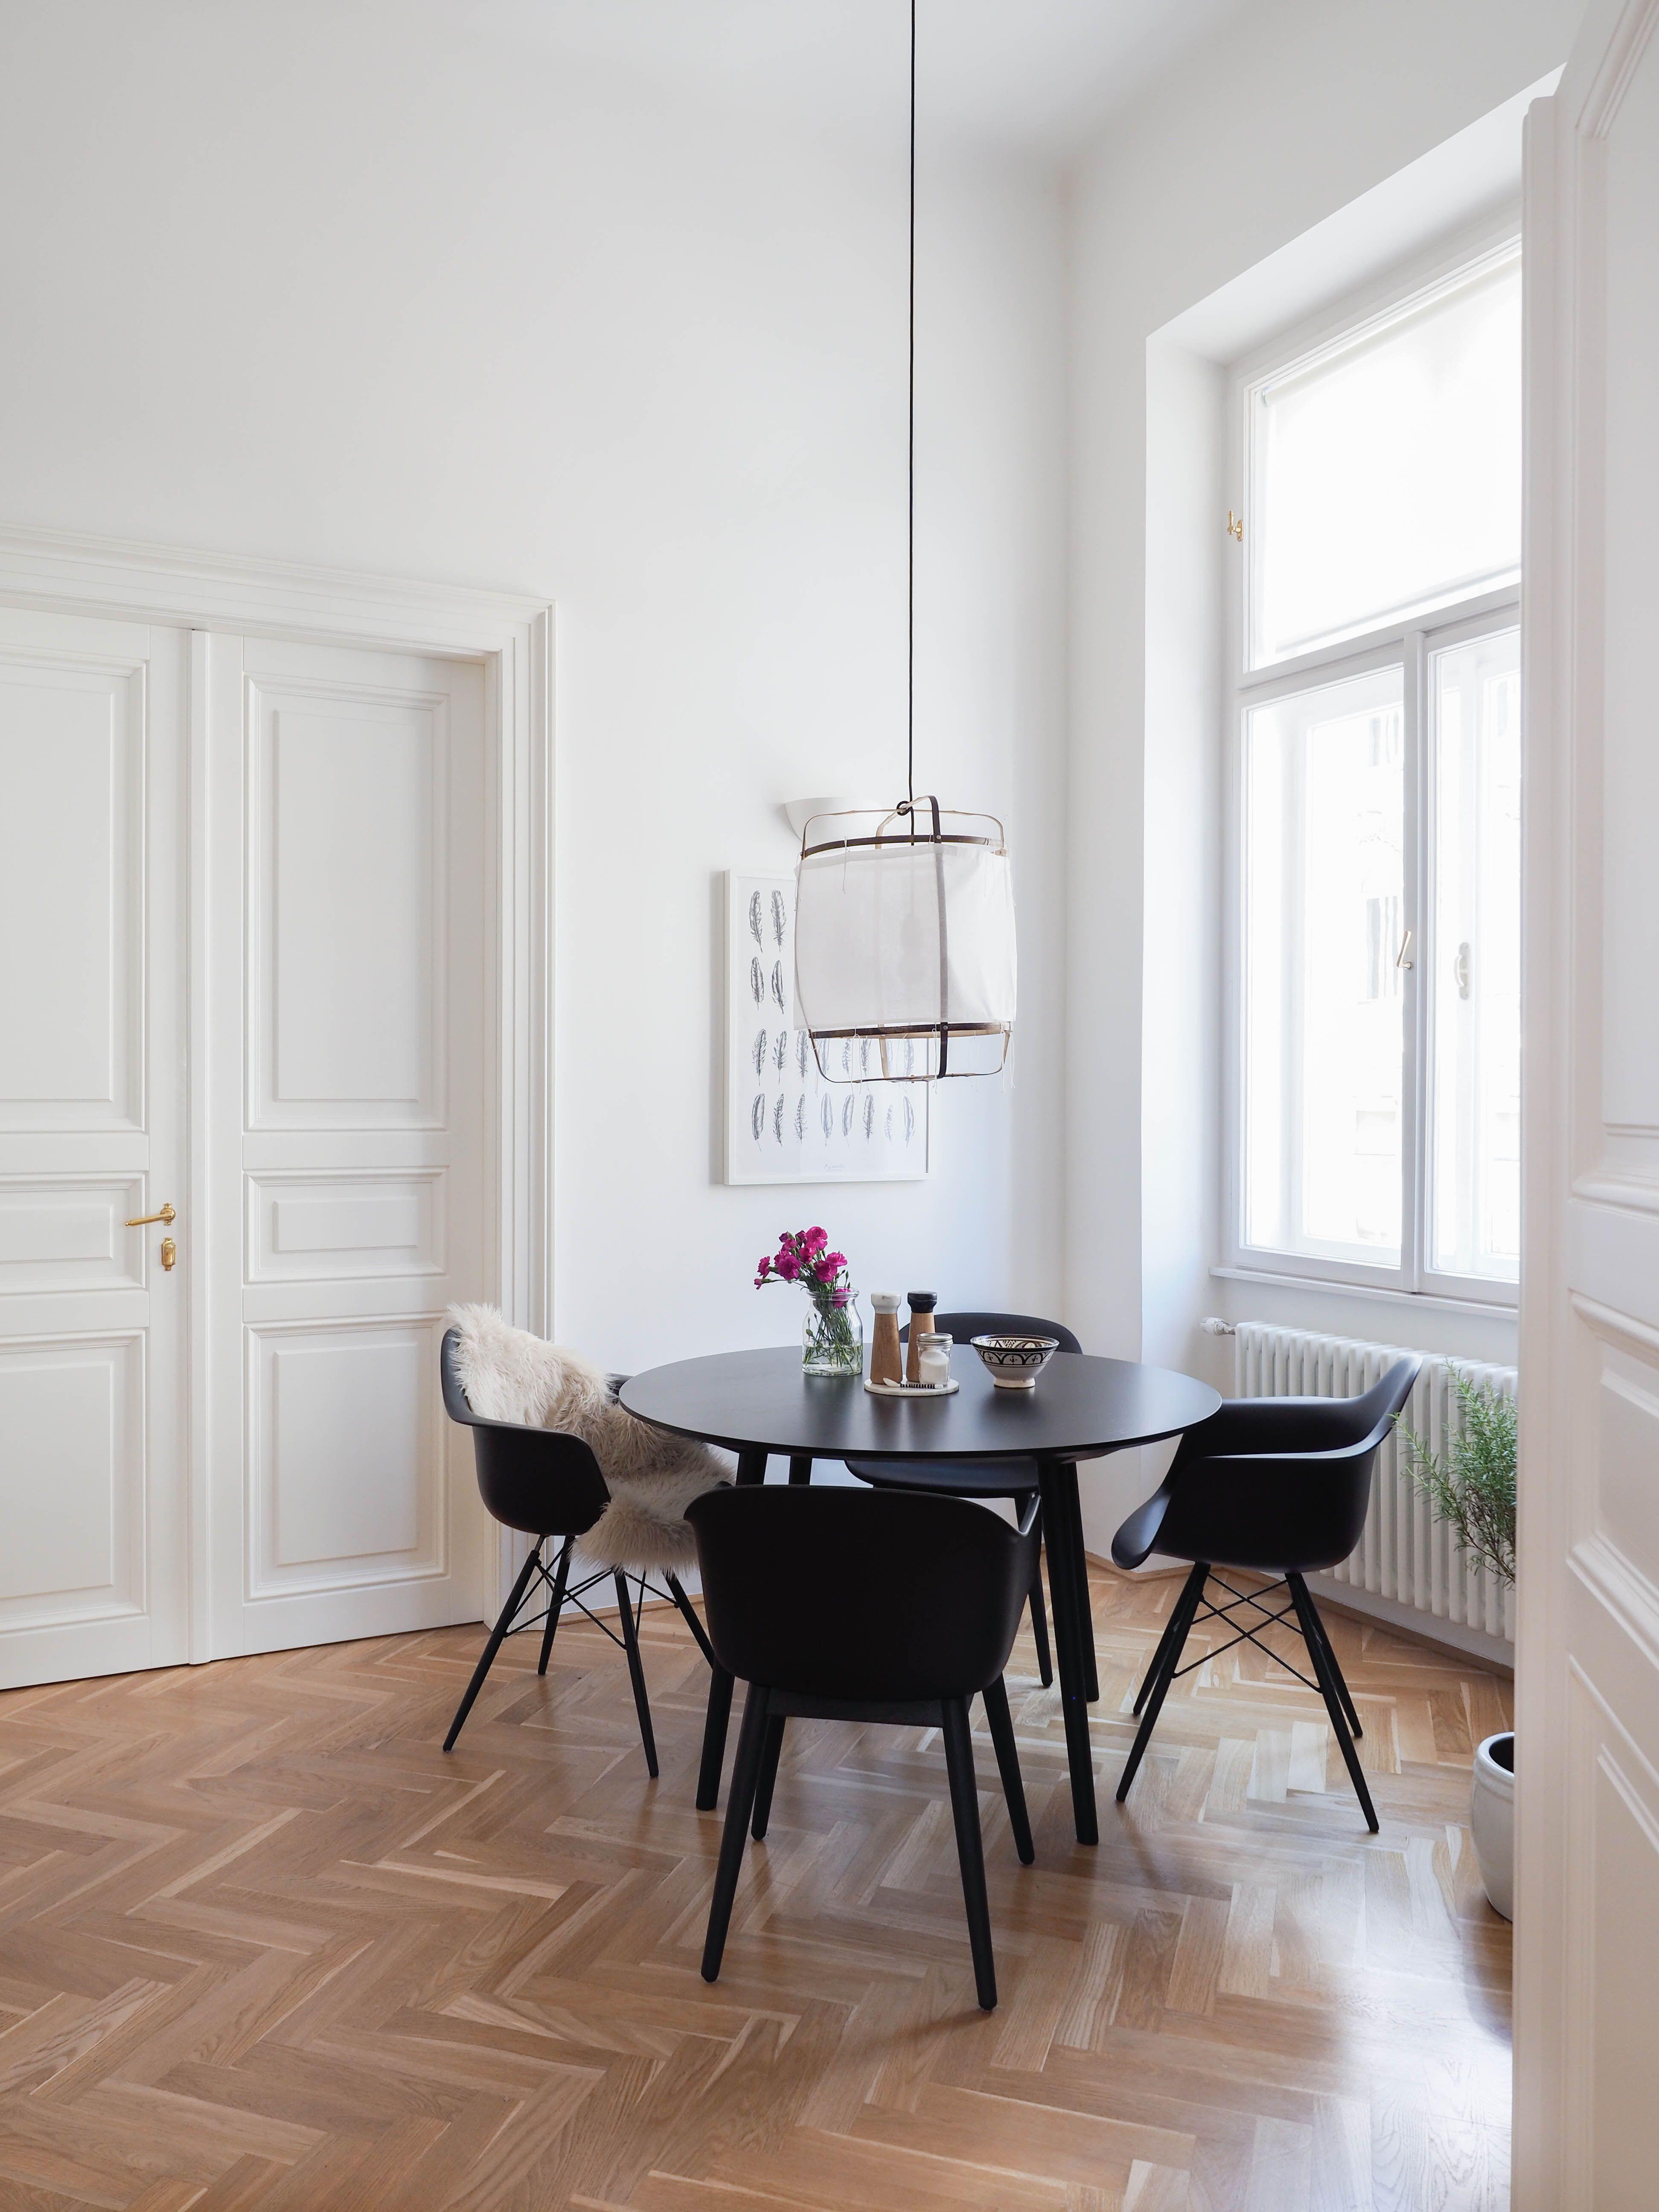 Vitra Eames Plastic Armchair Daw Ahorn Gelblich Weiss Filzgleiter Weiss Wohnung Einrichten Wohnen Zuhause